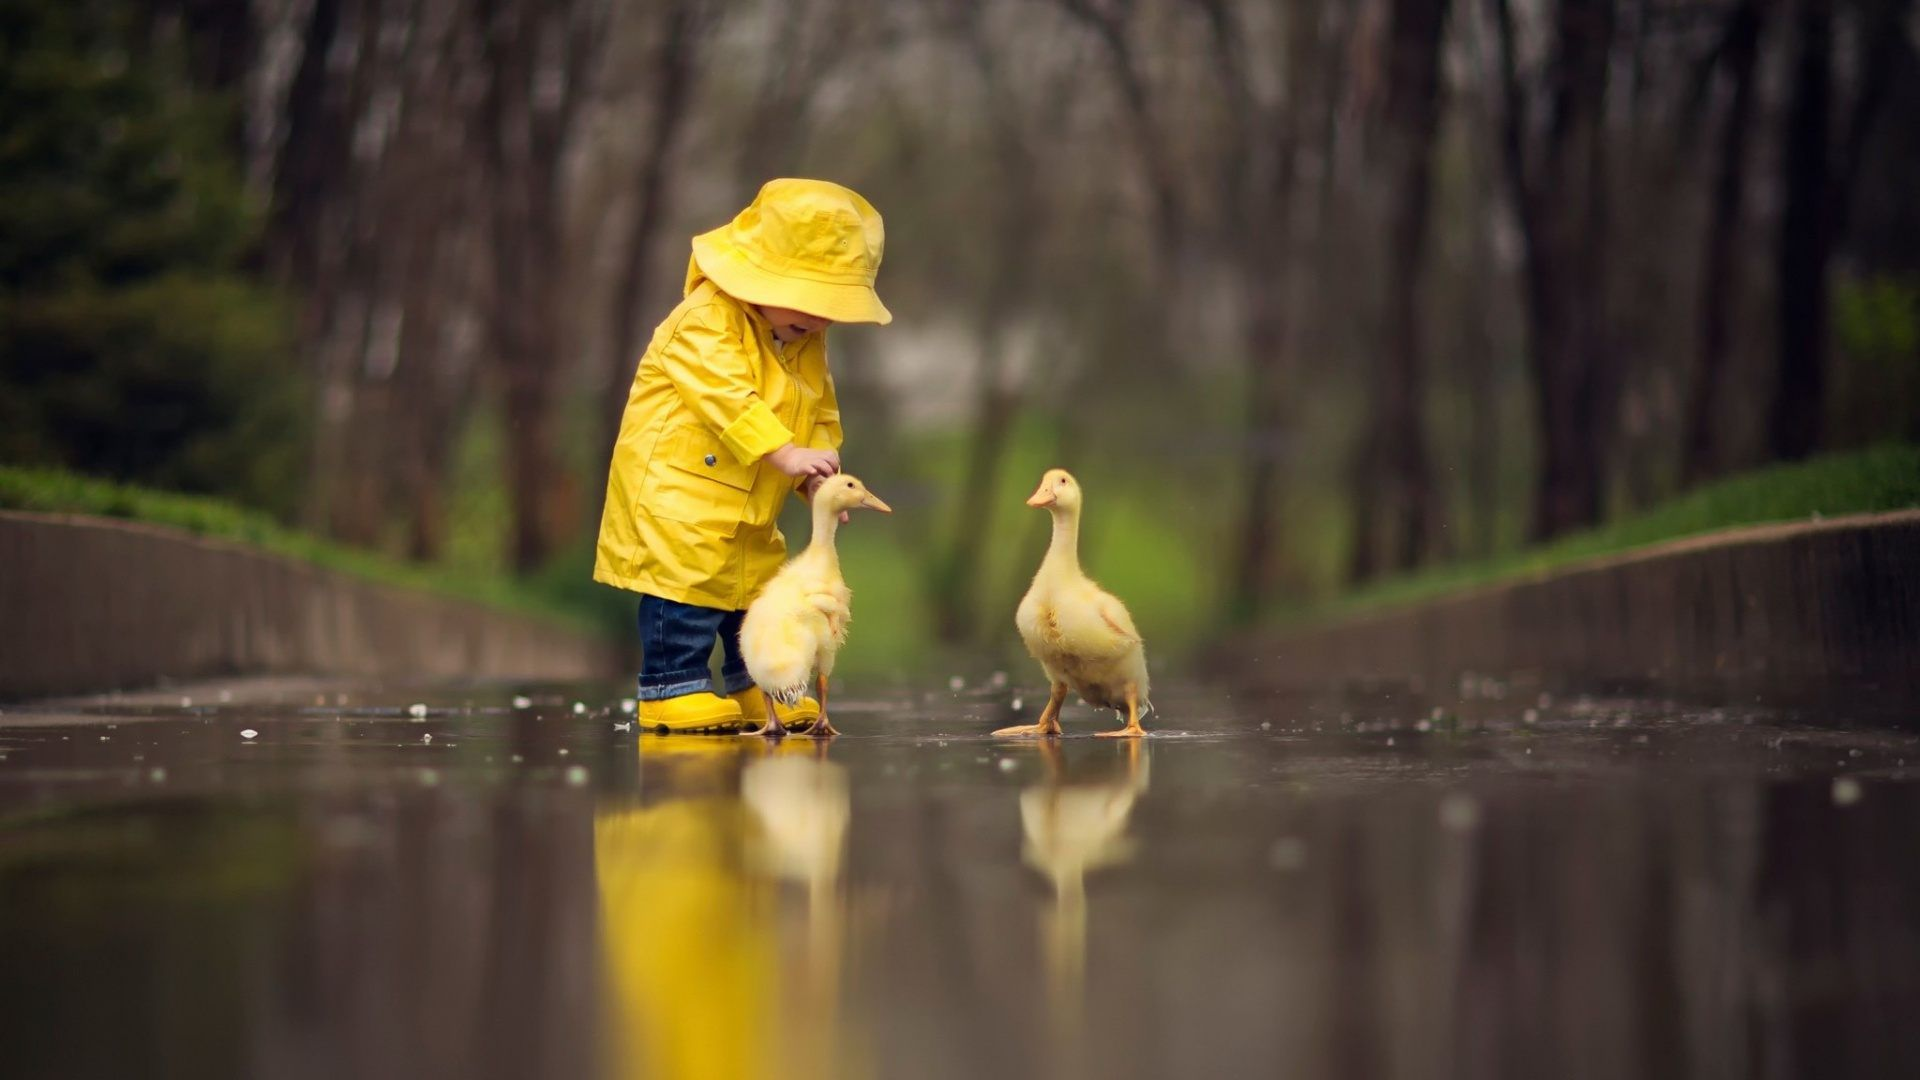 duck image 4k